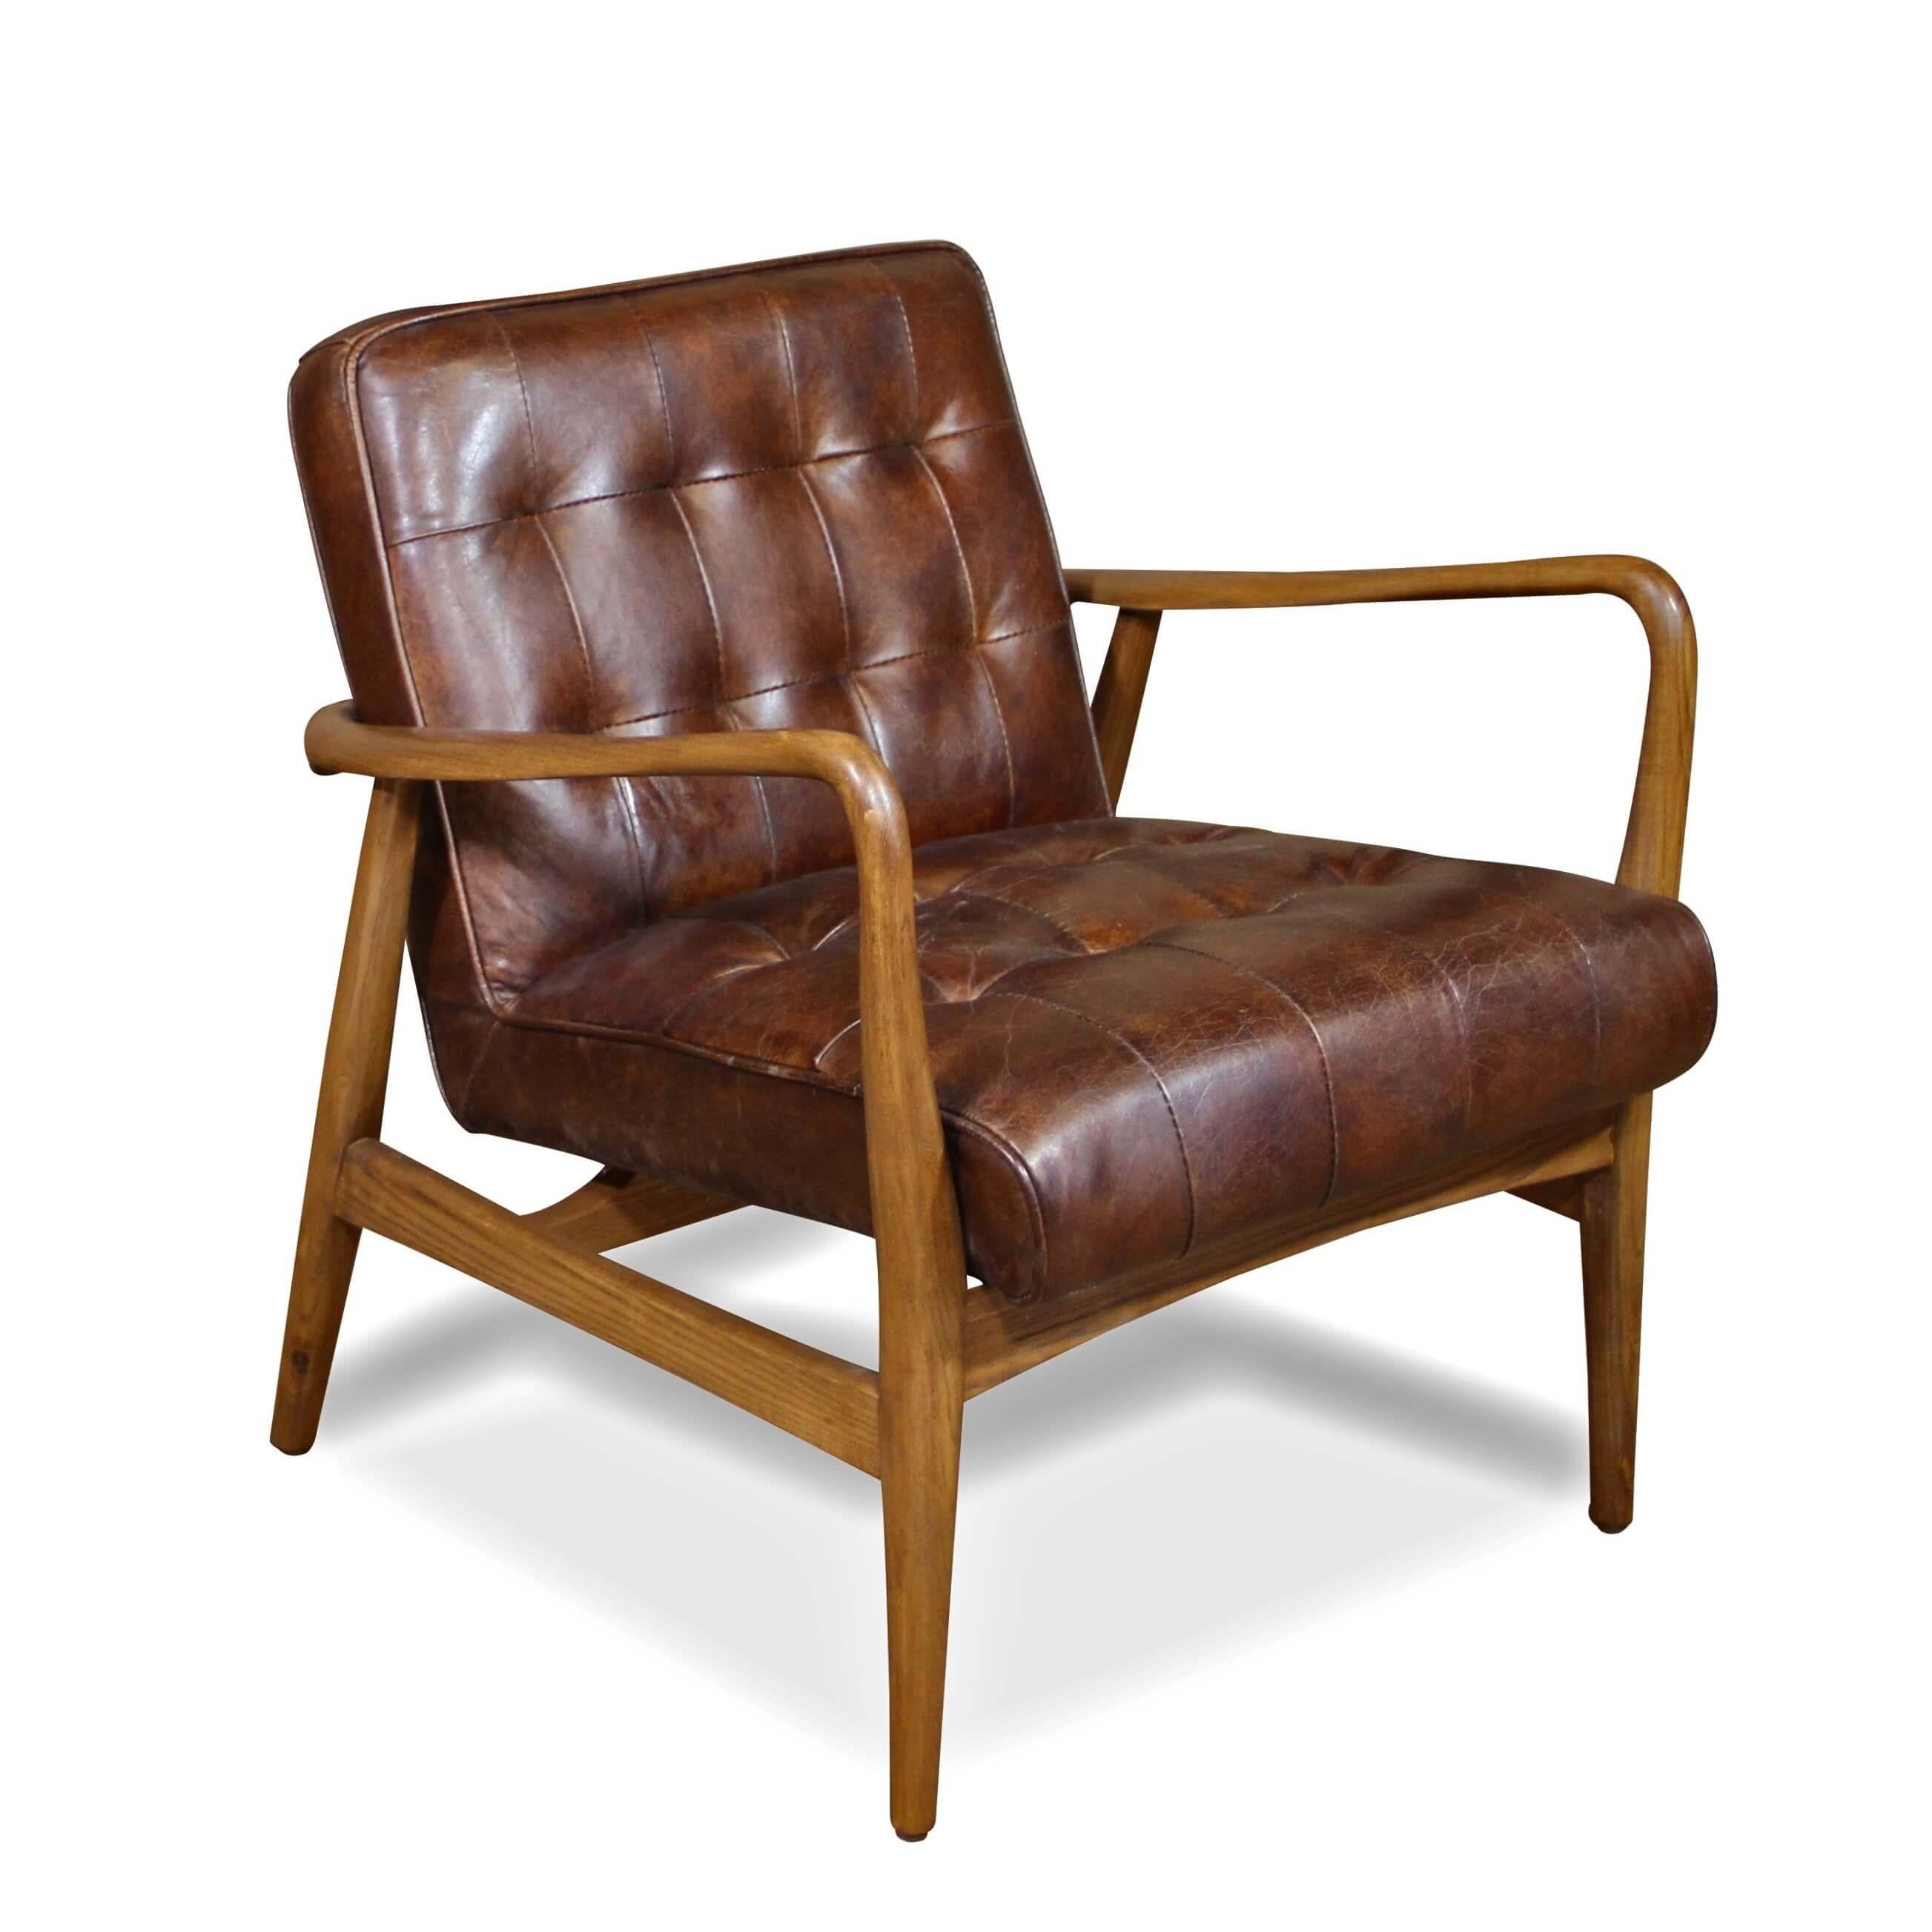 fauteuil club en cuir marron vintage avec accoudoirs en. Black Bedroom Furniture Sets. Home Design Ideas